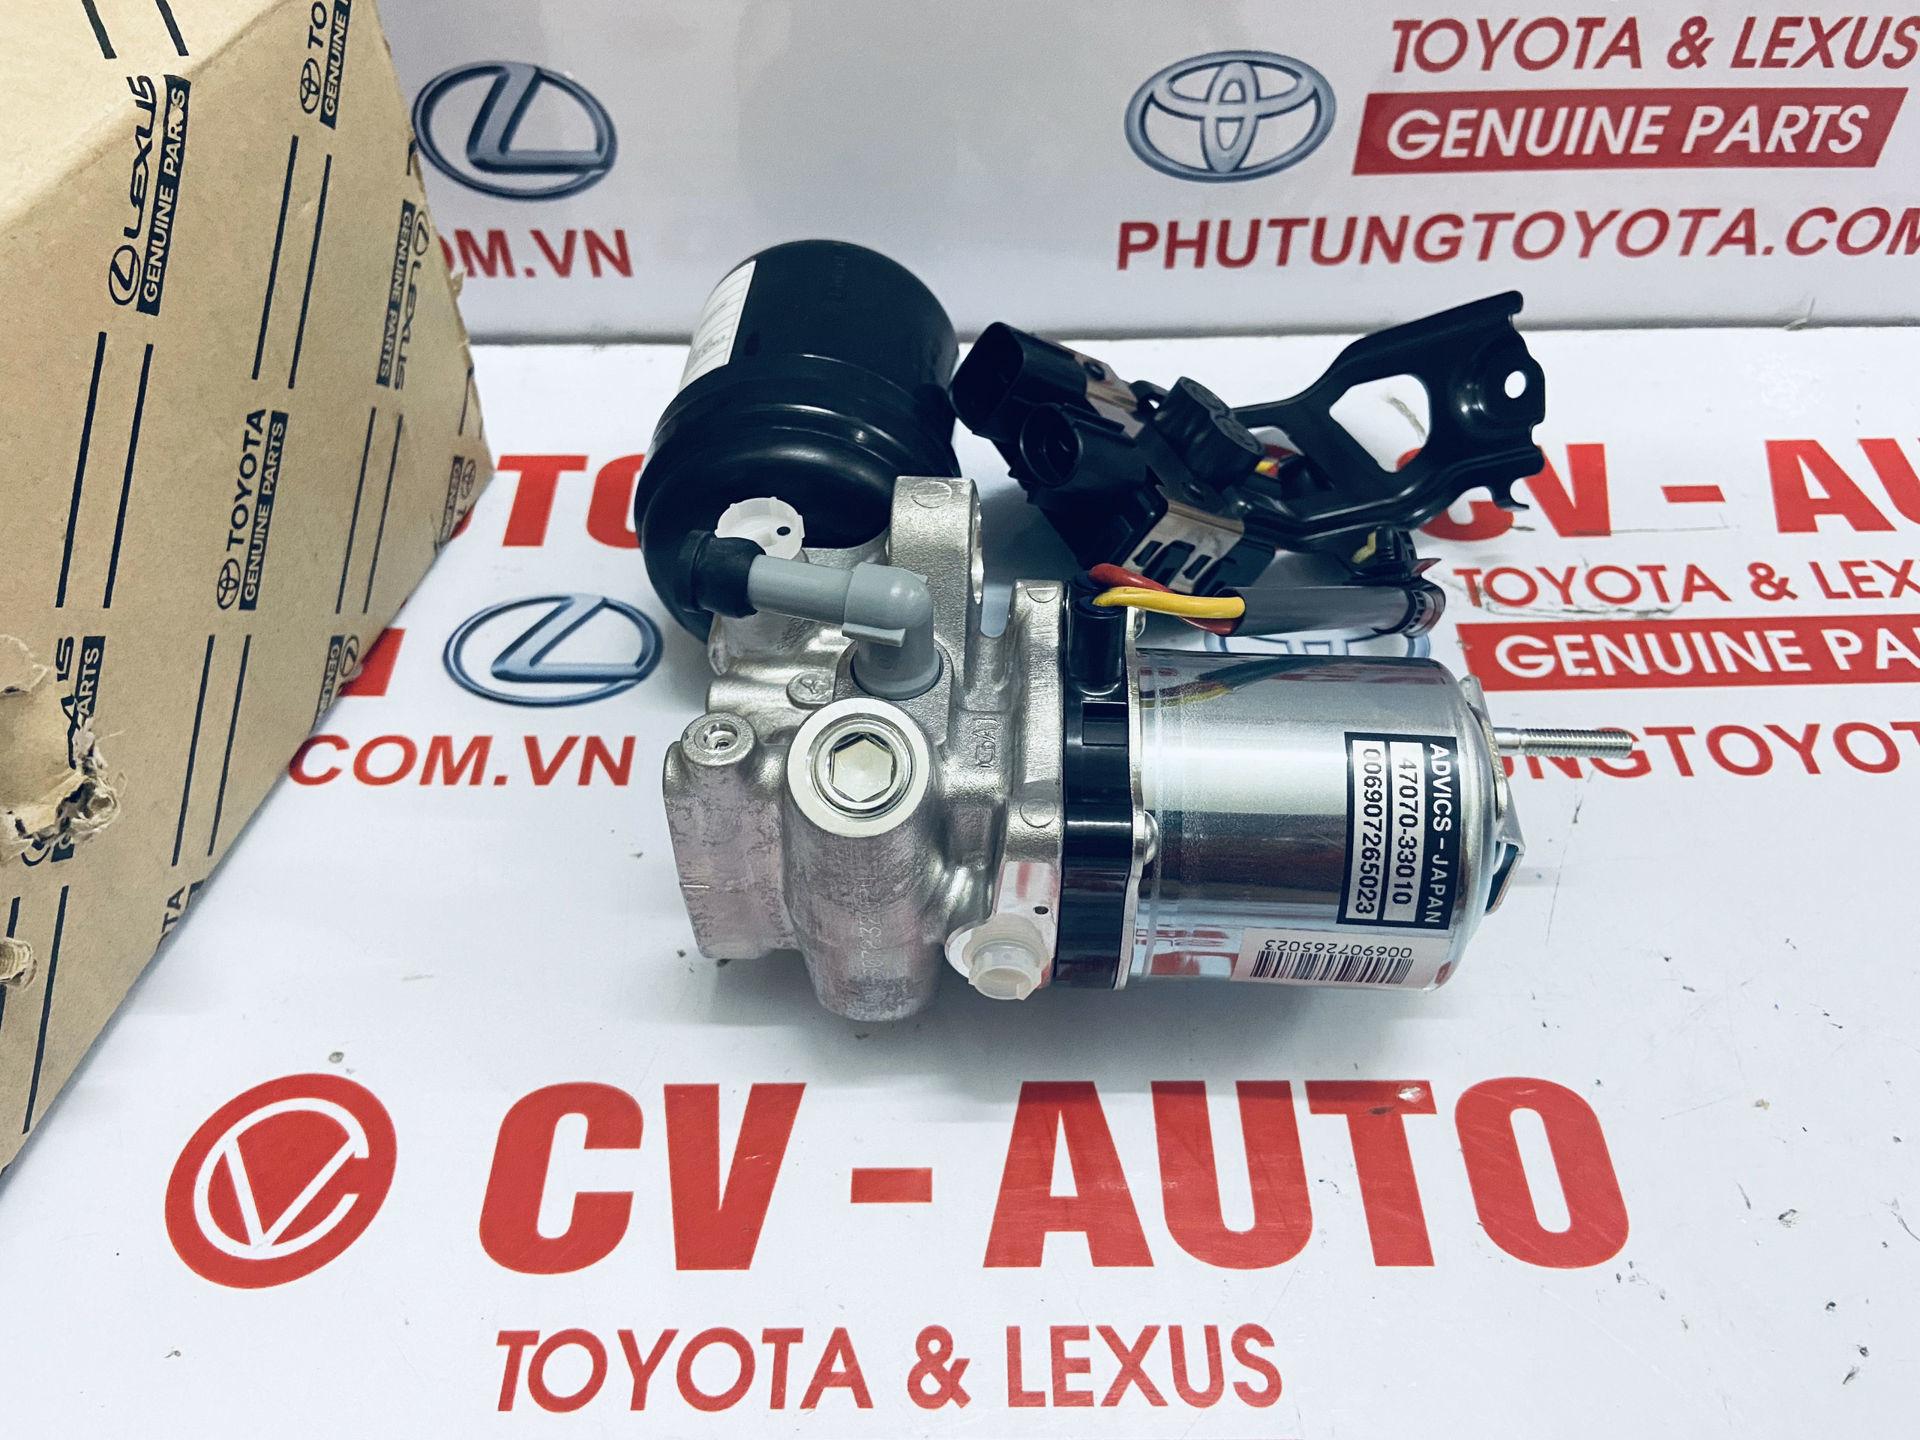 Picture of 47070-33020 Bơm ABS Lexus ES350, Toyota Camry Mỹ 2012-2018 chính hãng